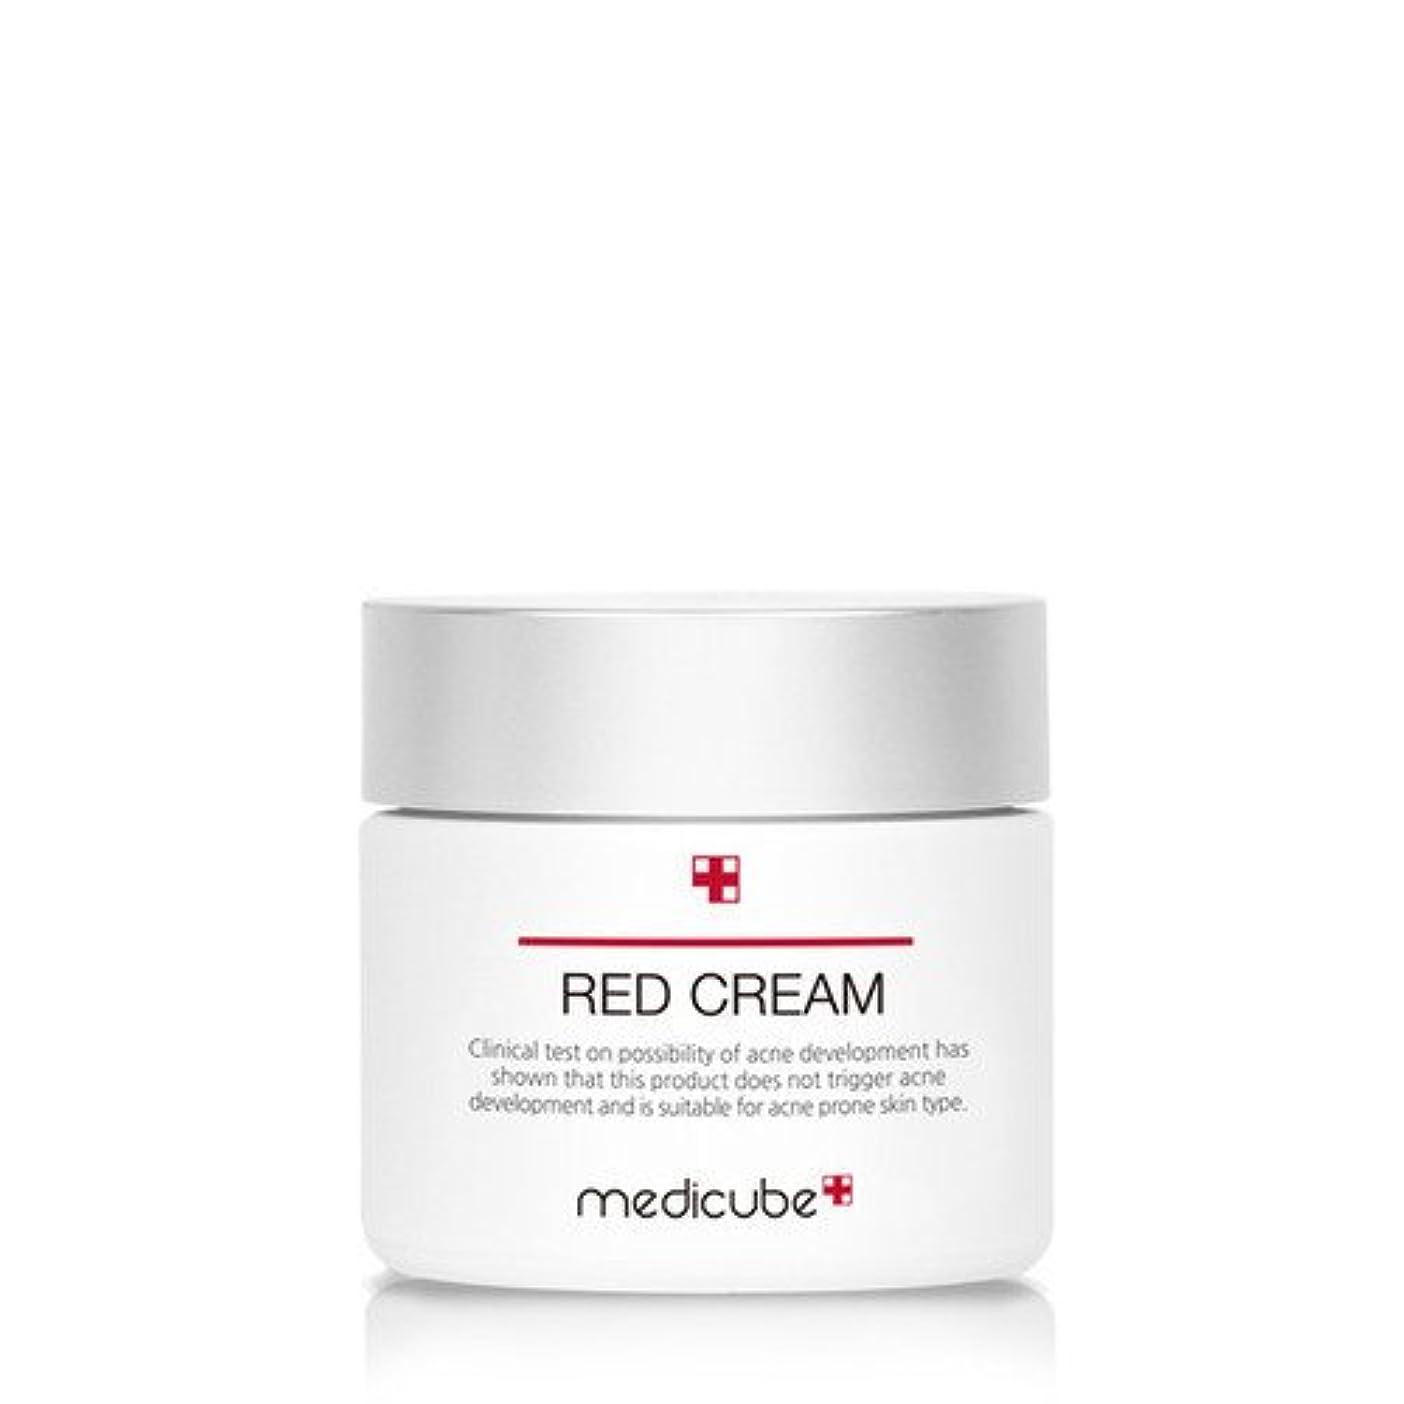 ミンチ仕事欠点[Medicube]メディキューブ レッドクリーム 50ml / Medicube Red Cream 50ml / 正品?海外直送商品 [並行輸入品]